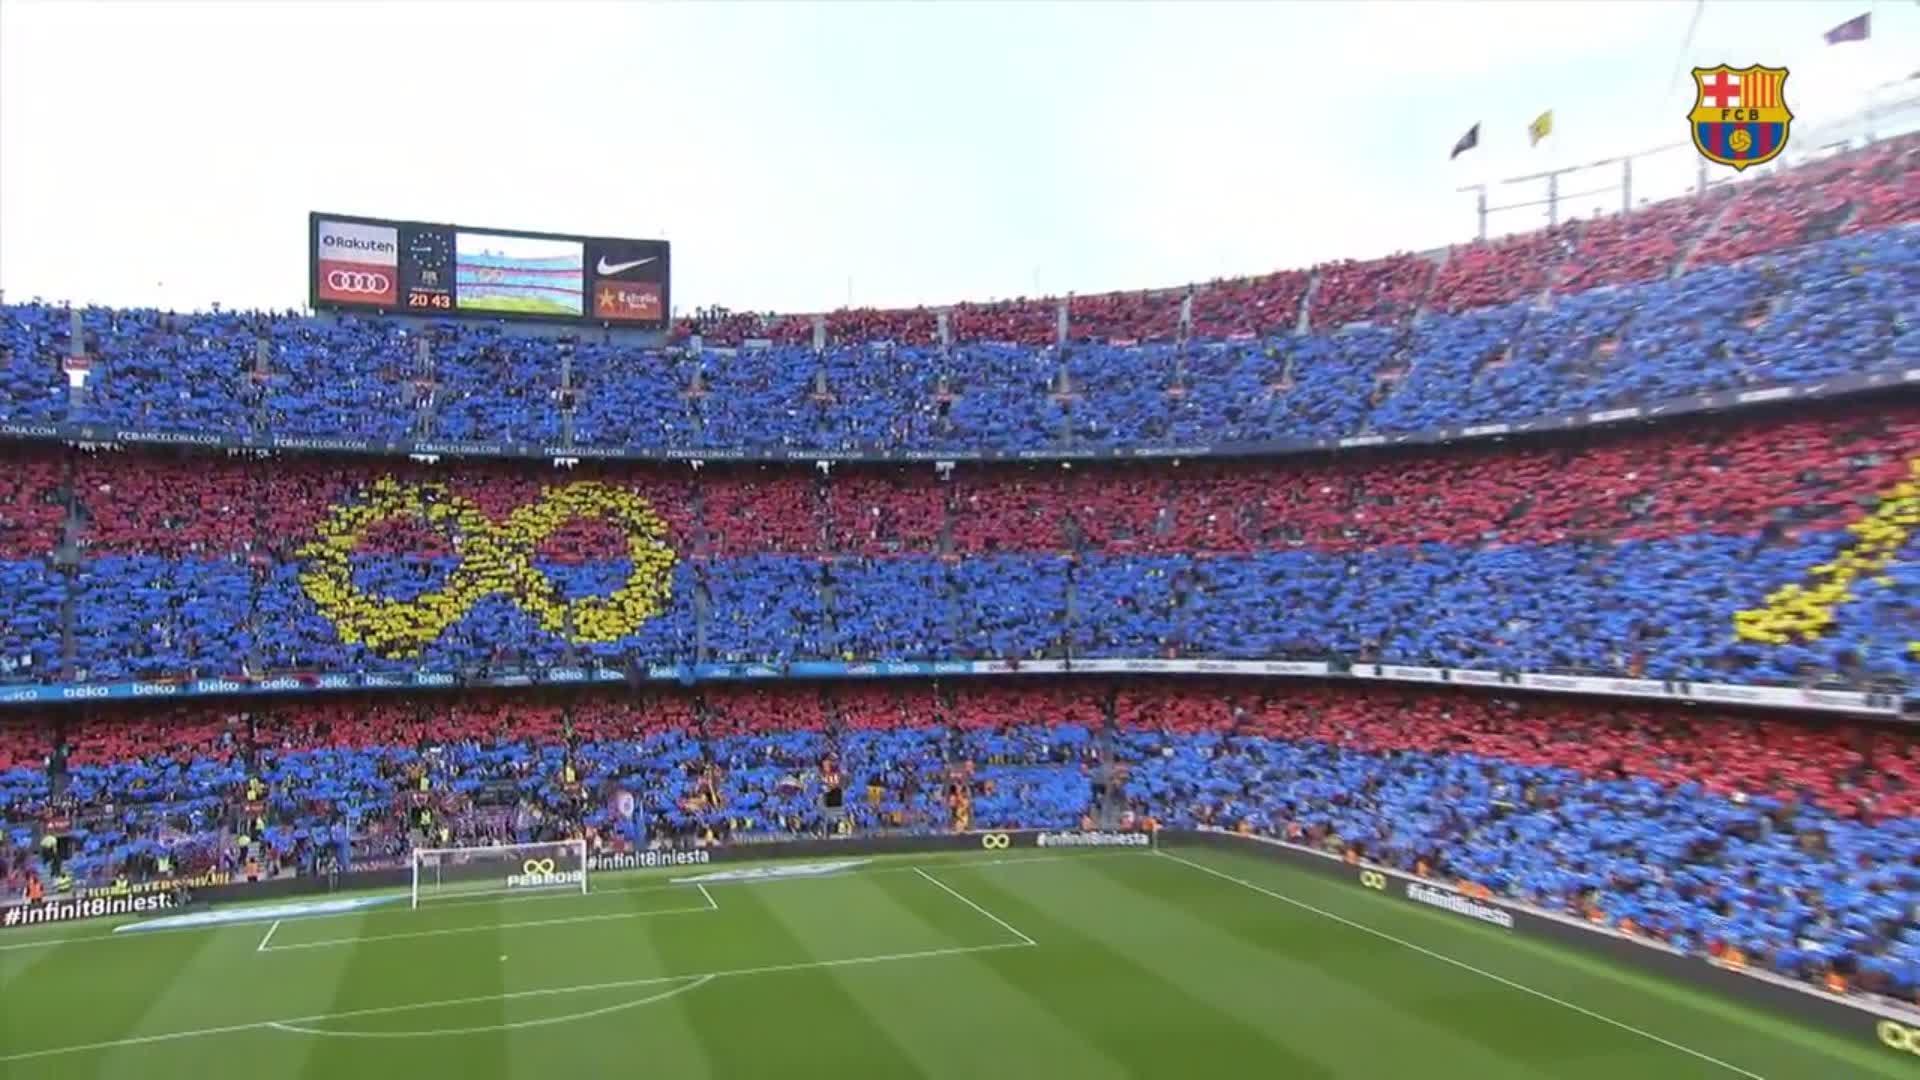 �� Camp Nou ��❤  #infinit8iniesta https://t.co/1Y1vkQyD3G